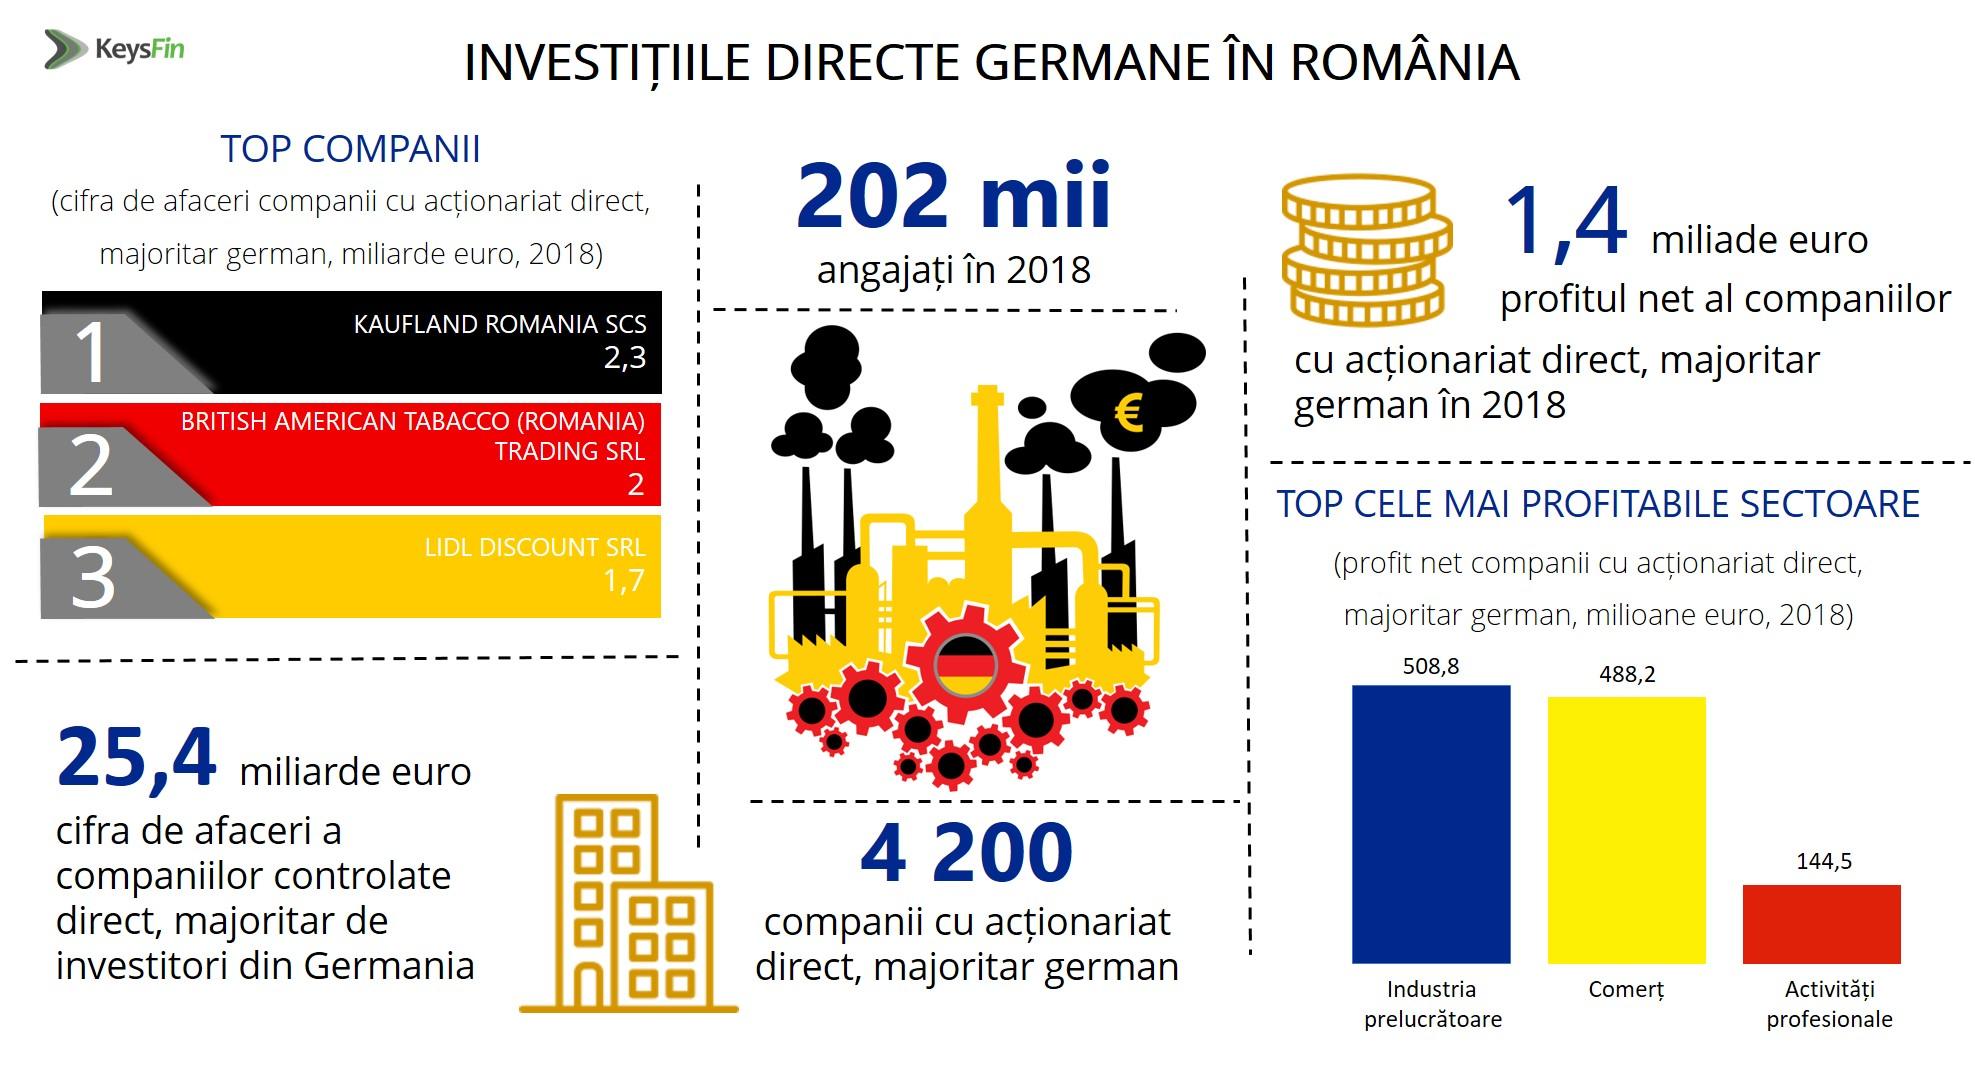 Topul companiilor cu capital german din România este alcătuit preponderant din retaileri